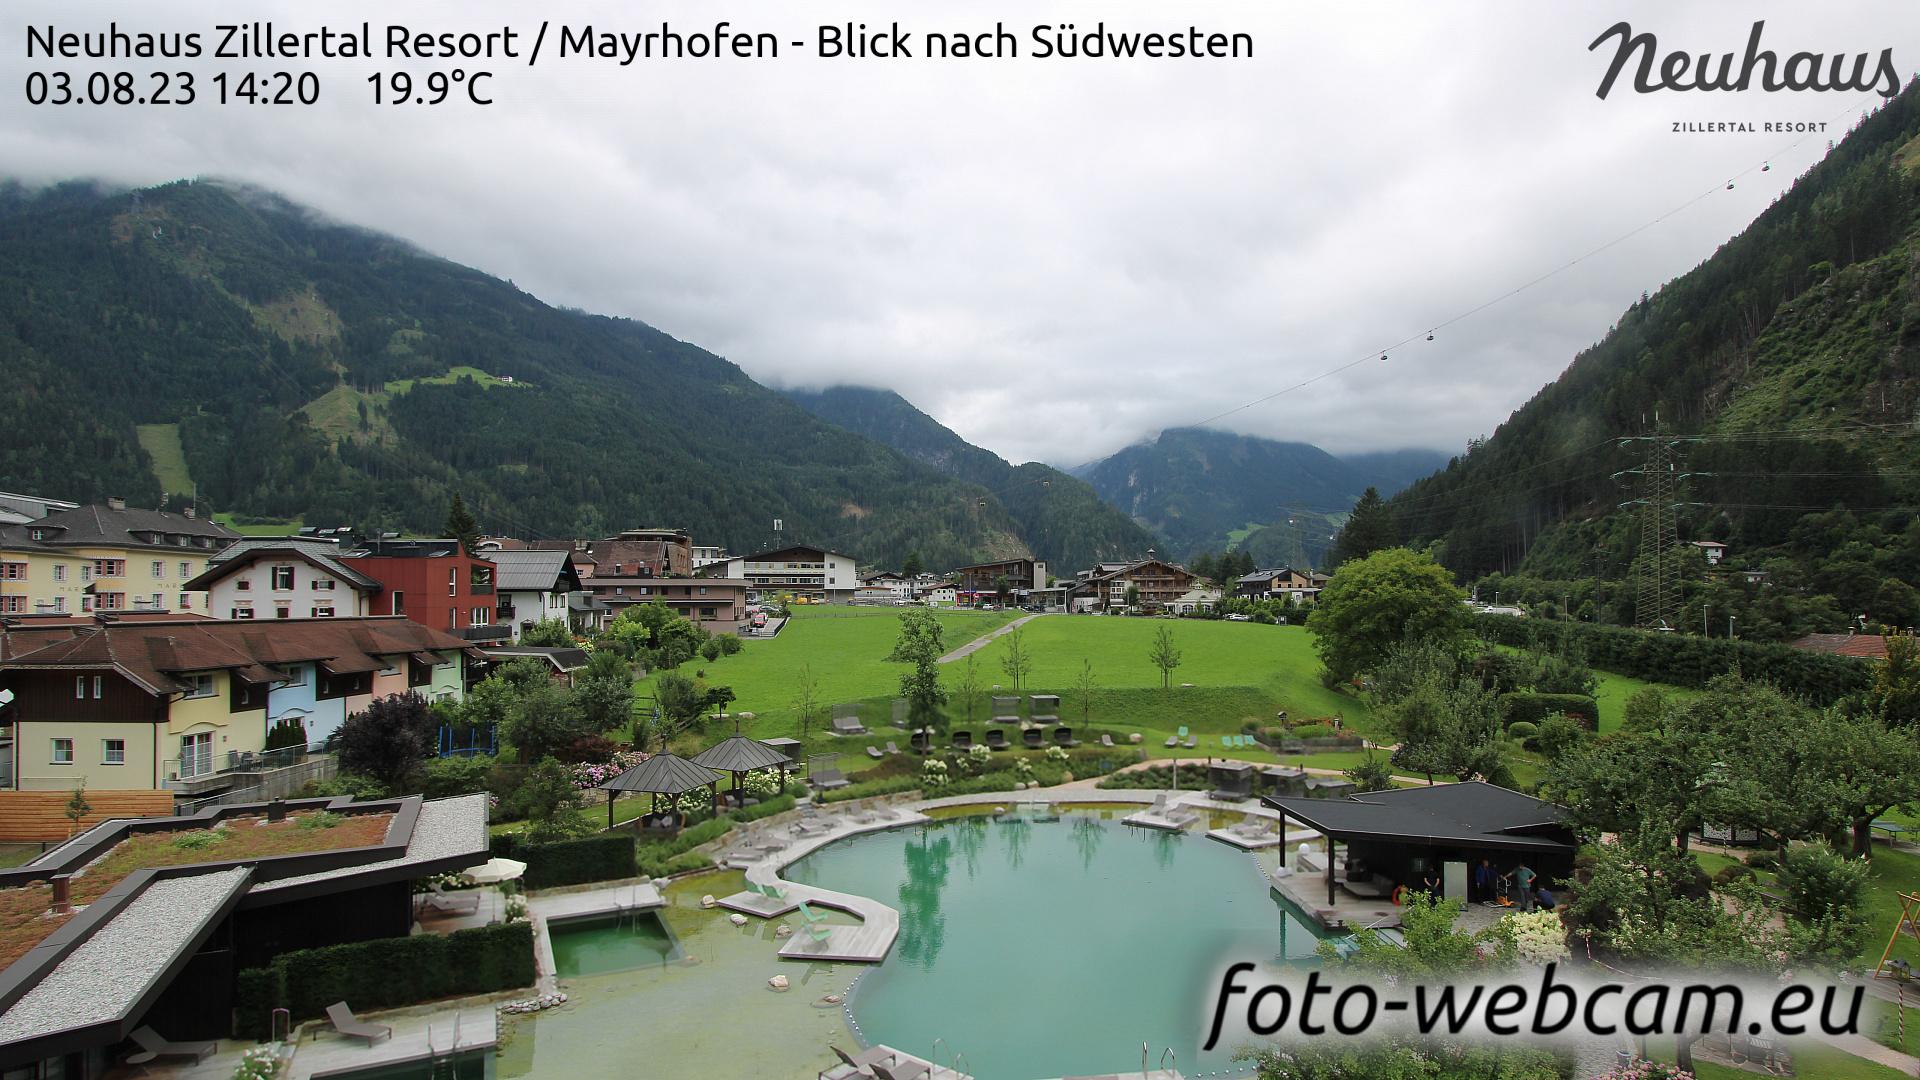 Mayrhofen Sun. 14:33